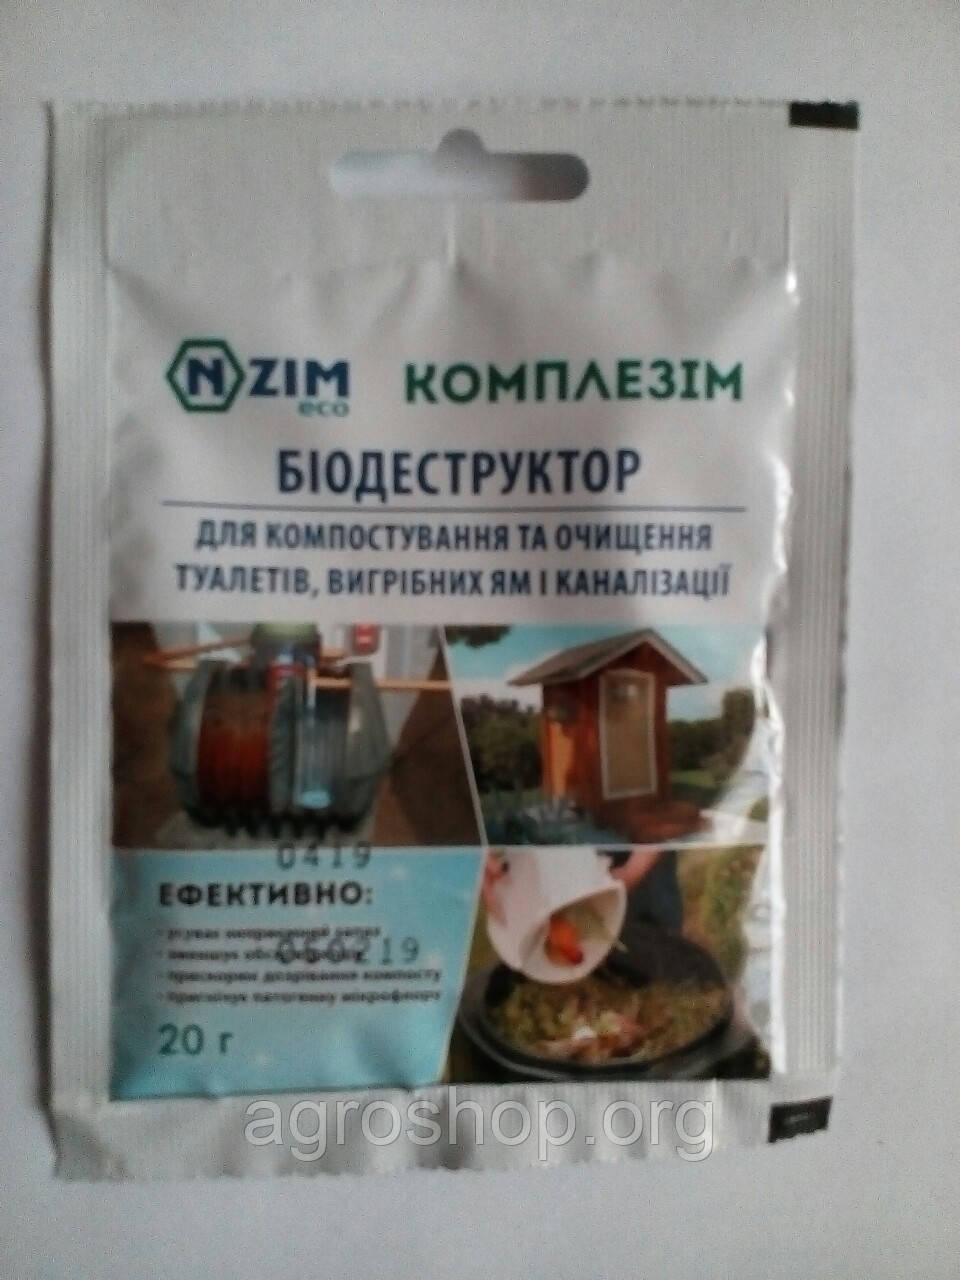 Комплезим, препарат биодеструктор для септиков 20 г.